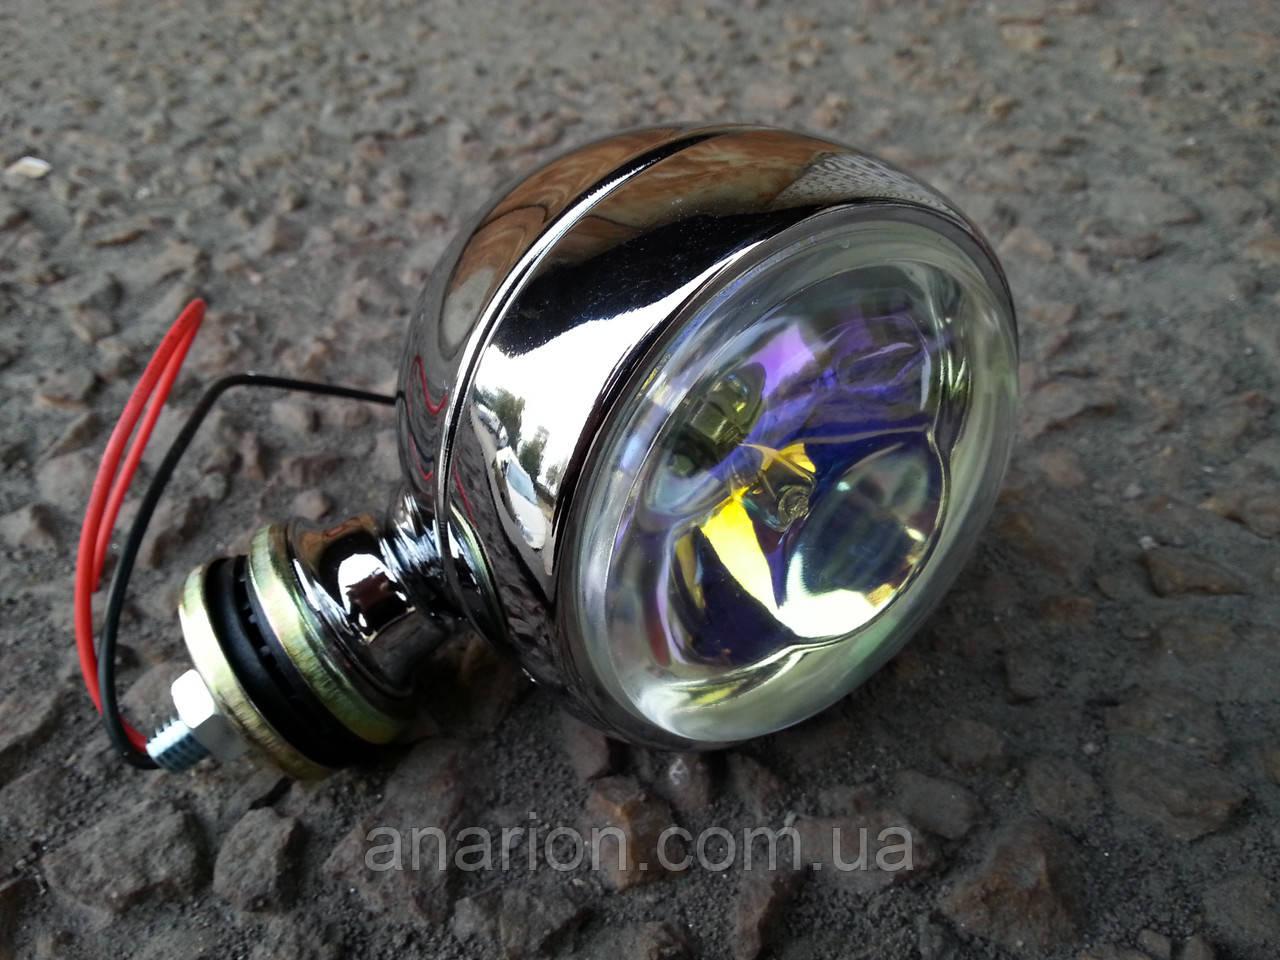 Дополнительная фара для мотоциклов №3008 кристалл (1 штука).